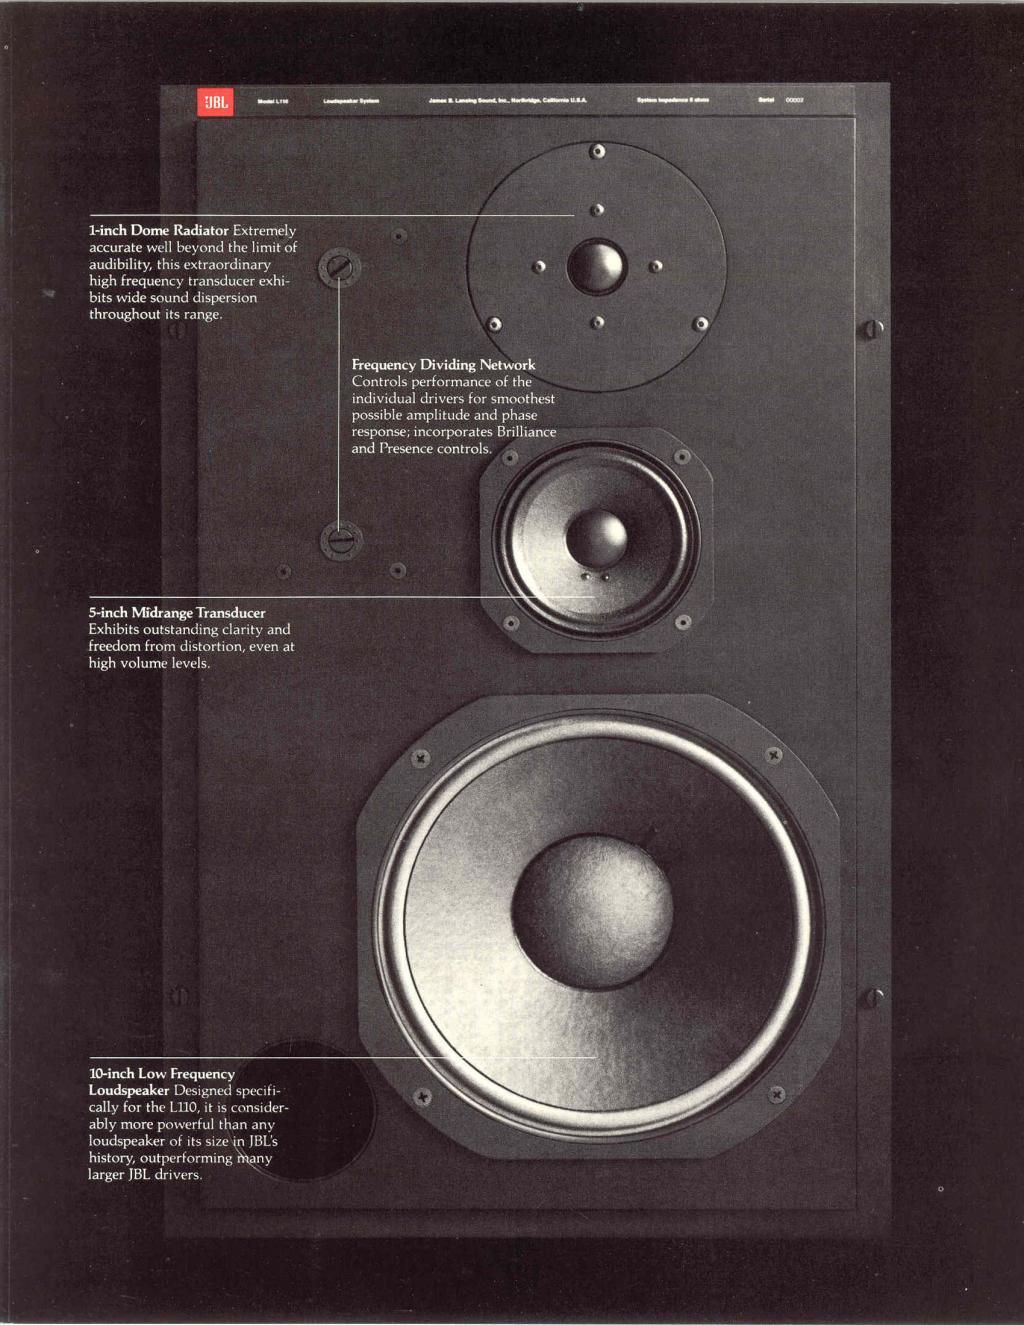 Modèle L110 début années 80 Brochu11